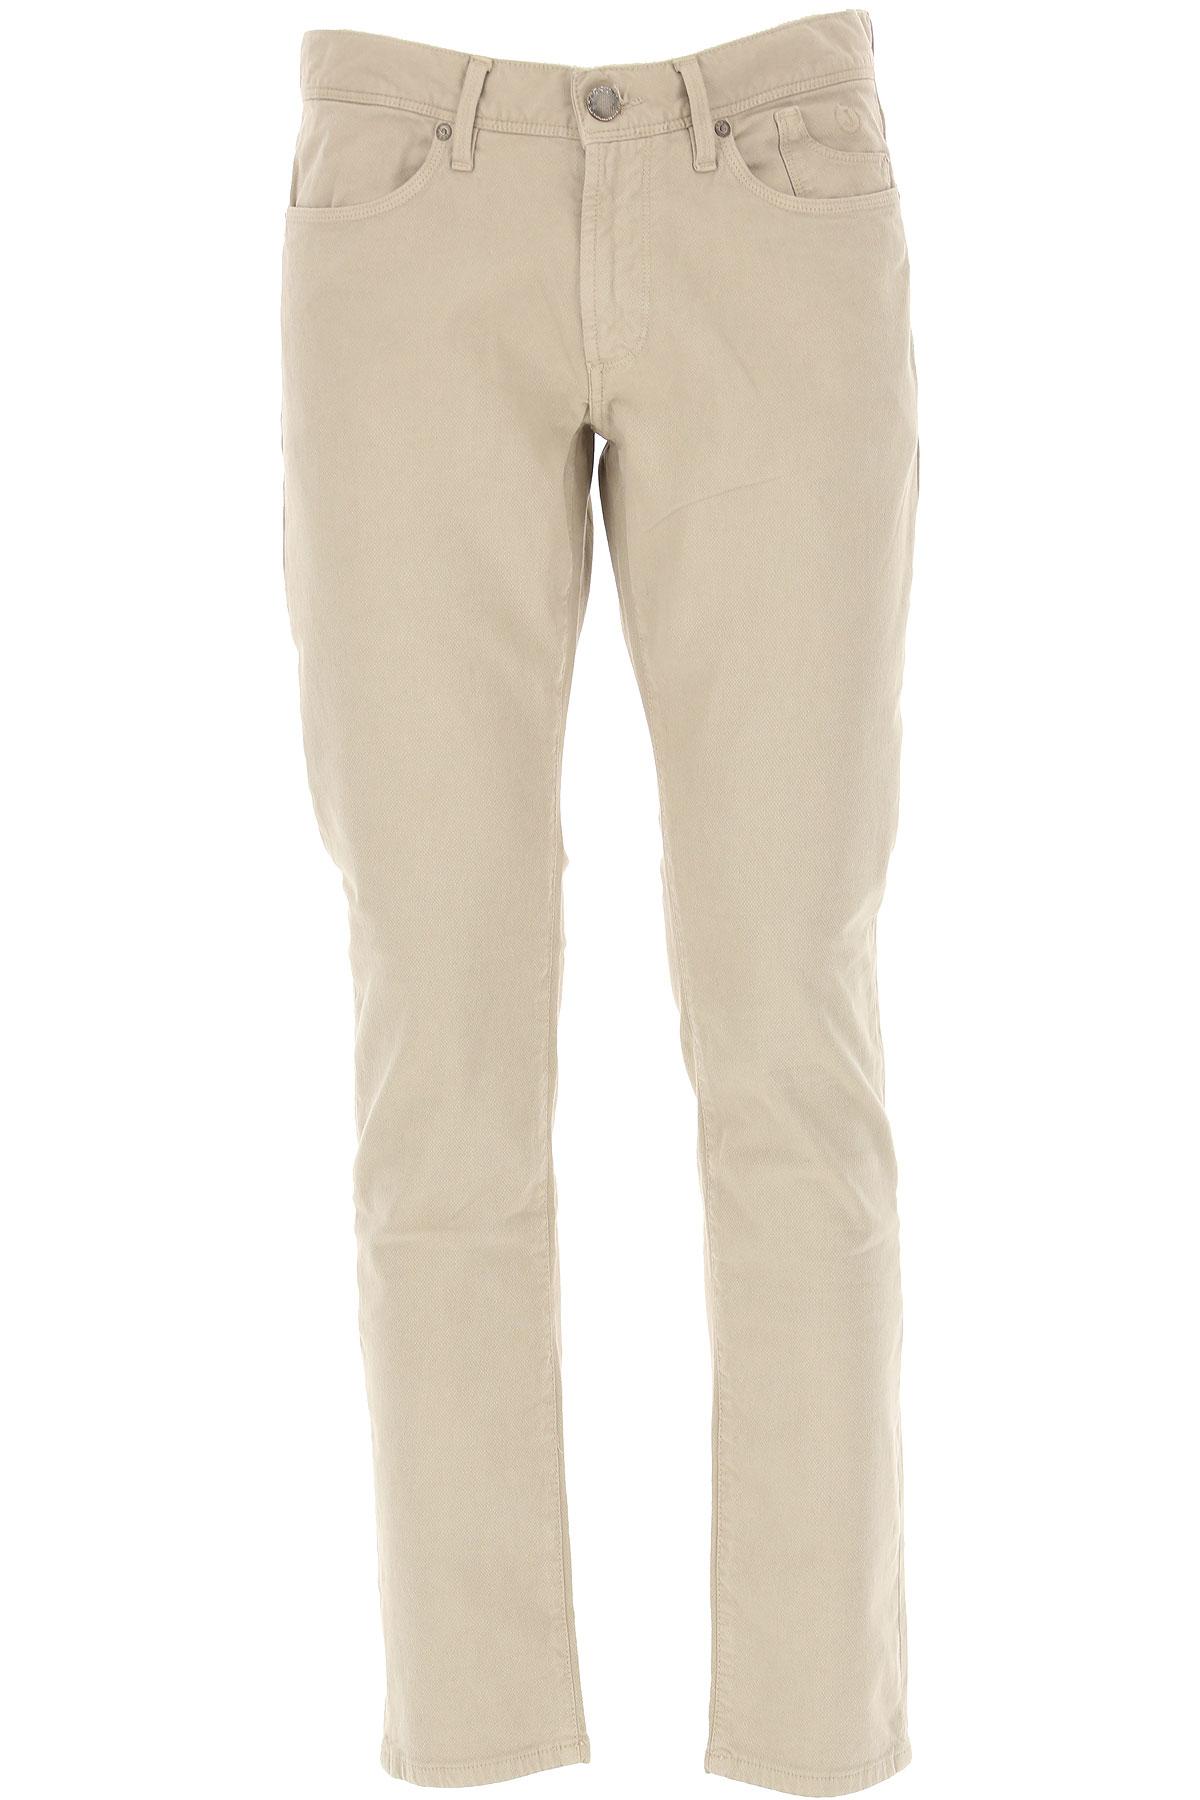 Jeckerson Pants for Men On Sale, Cream, Cotton, 2019, 30 31 32 34 35 36 38